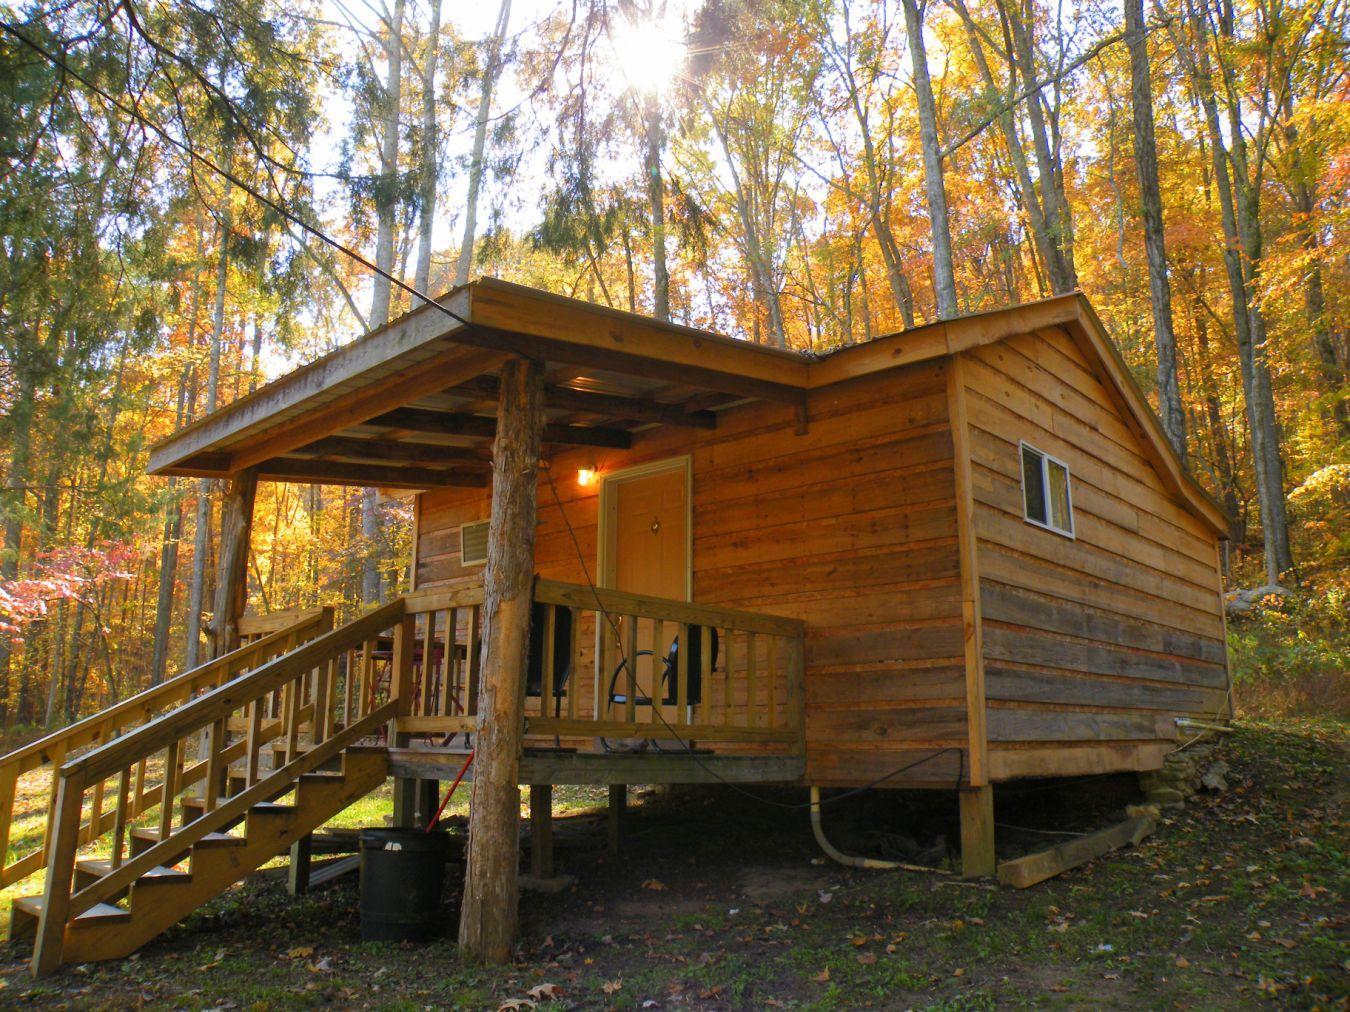 Butternut Cabin